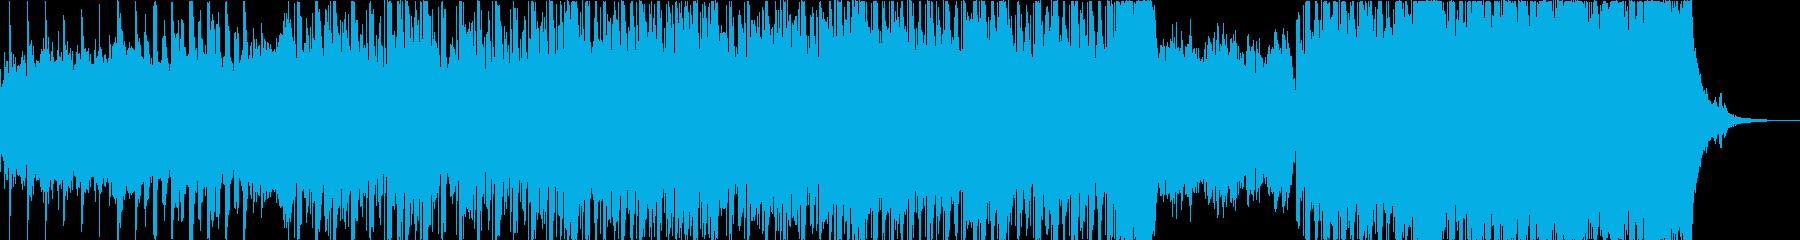 神秘的で思慮深く洞察的なエレクトロの再生済みの波形